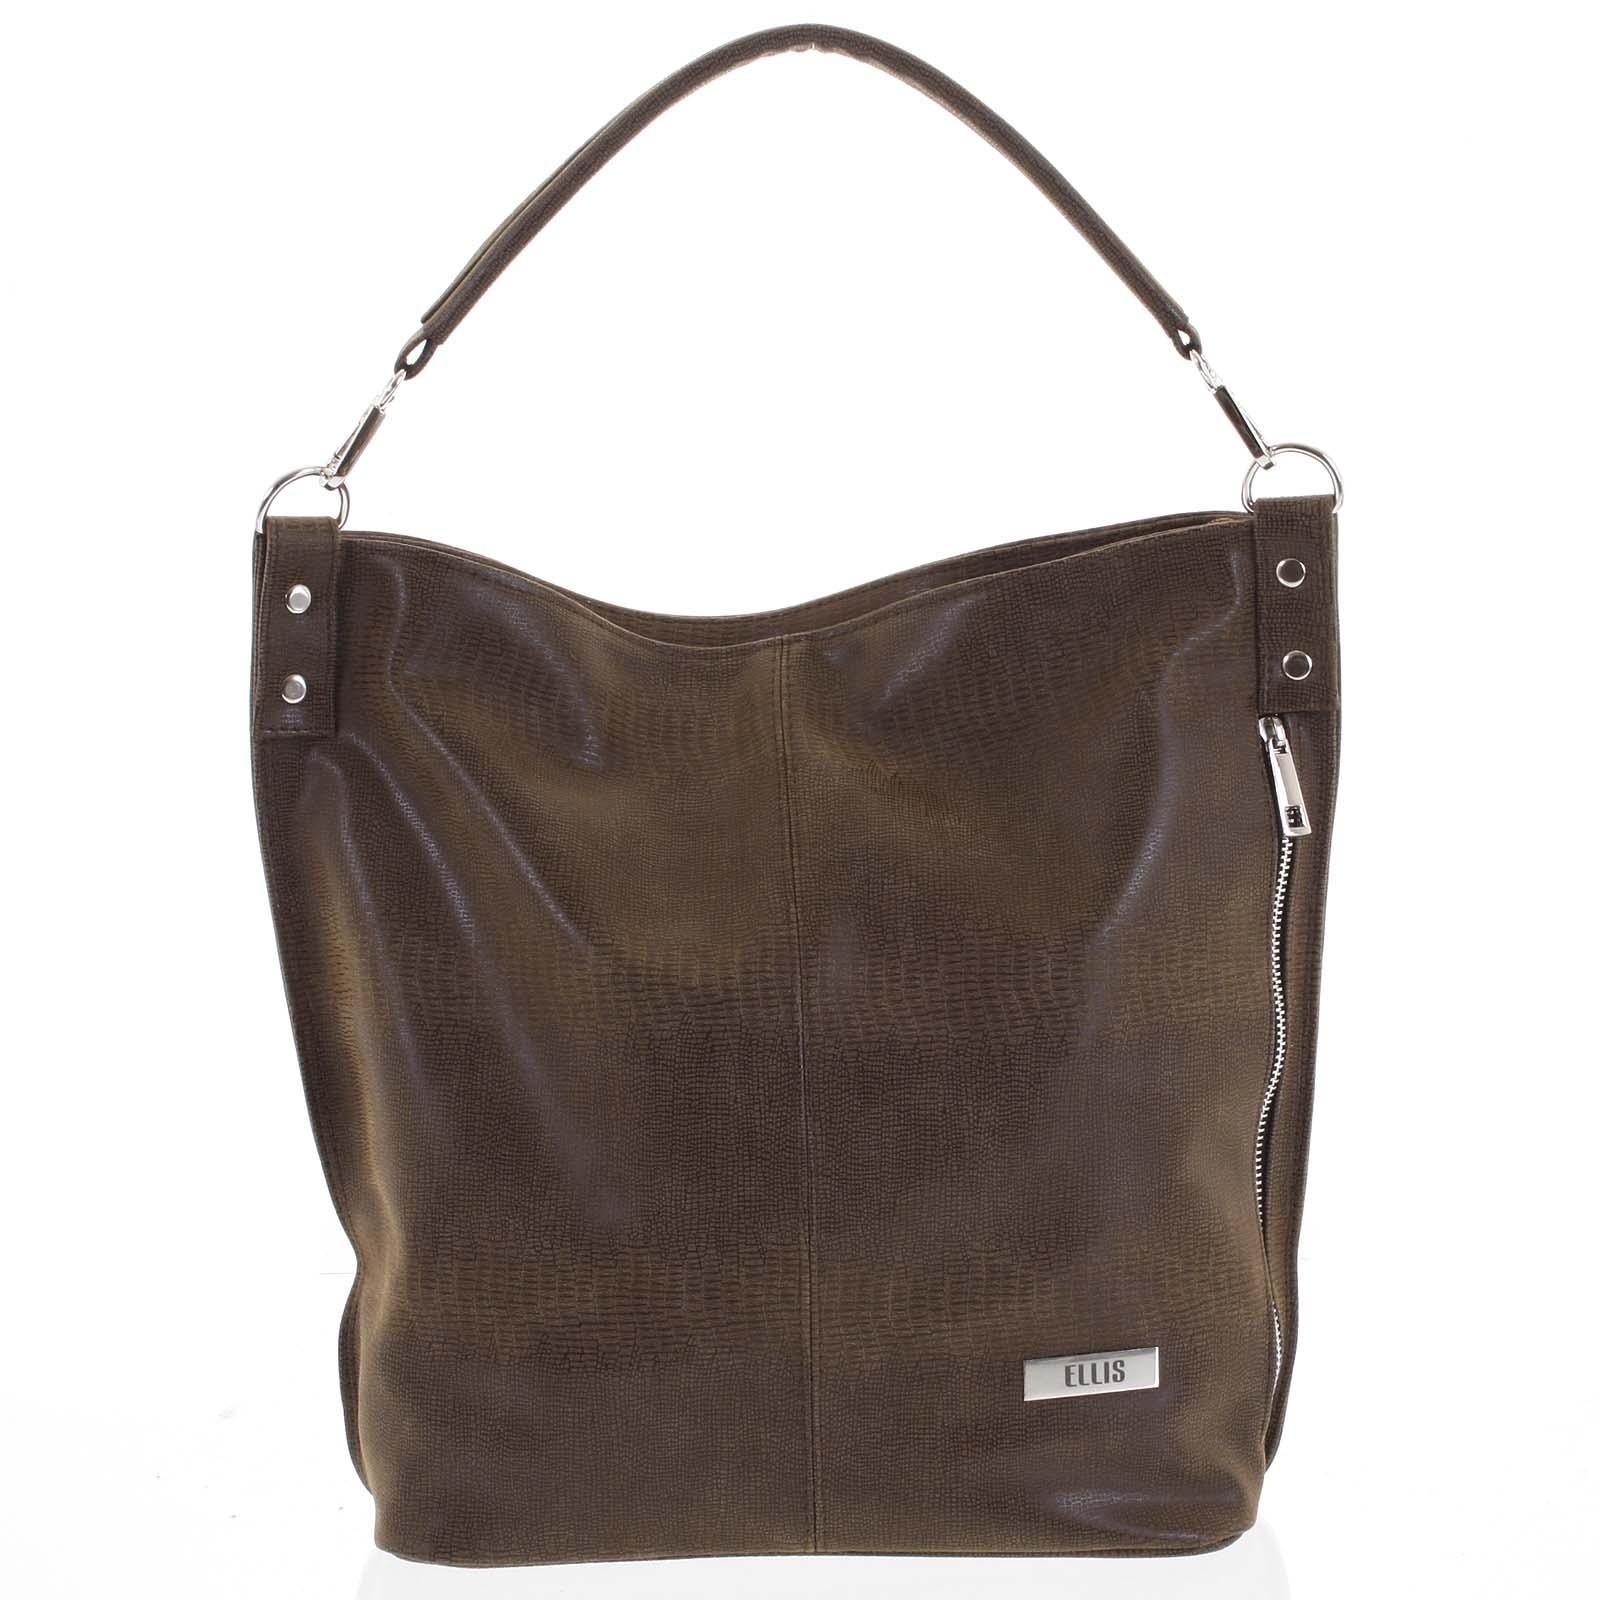 Elegantní dámská kabelka přes rameno hnědá se vzorem - Ellis Negina